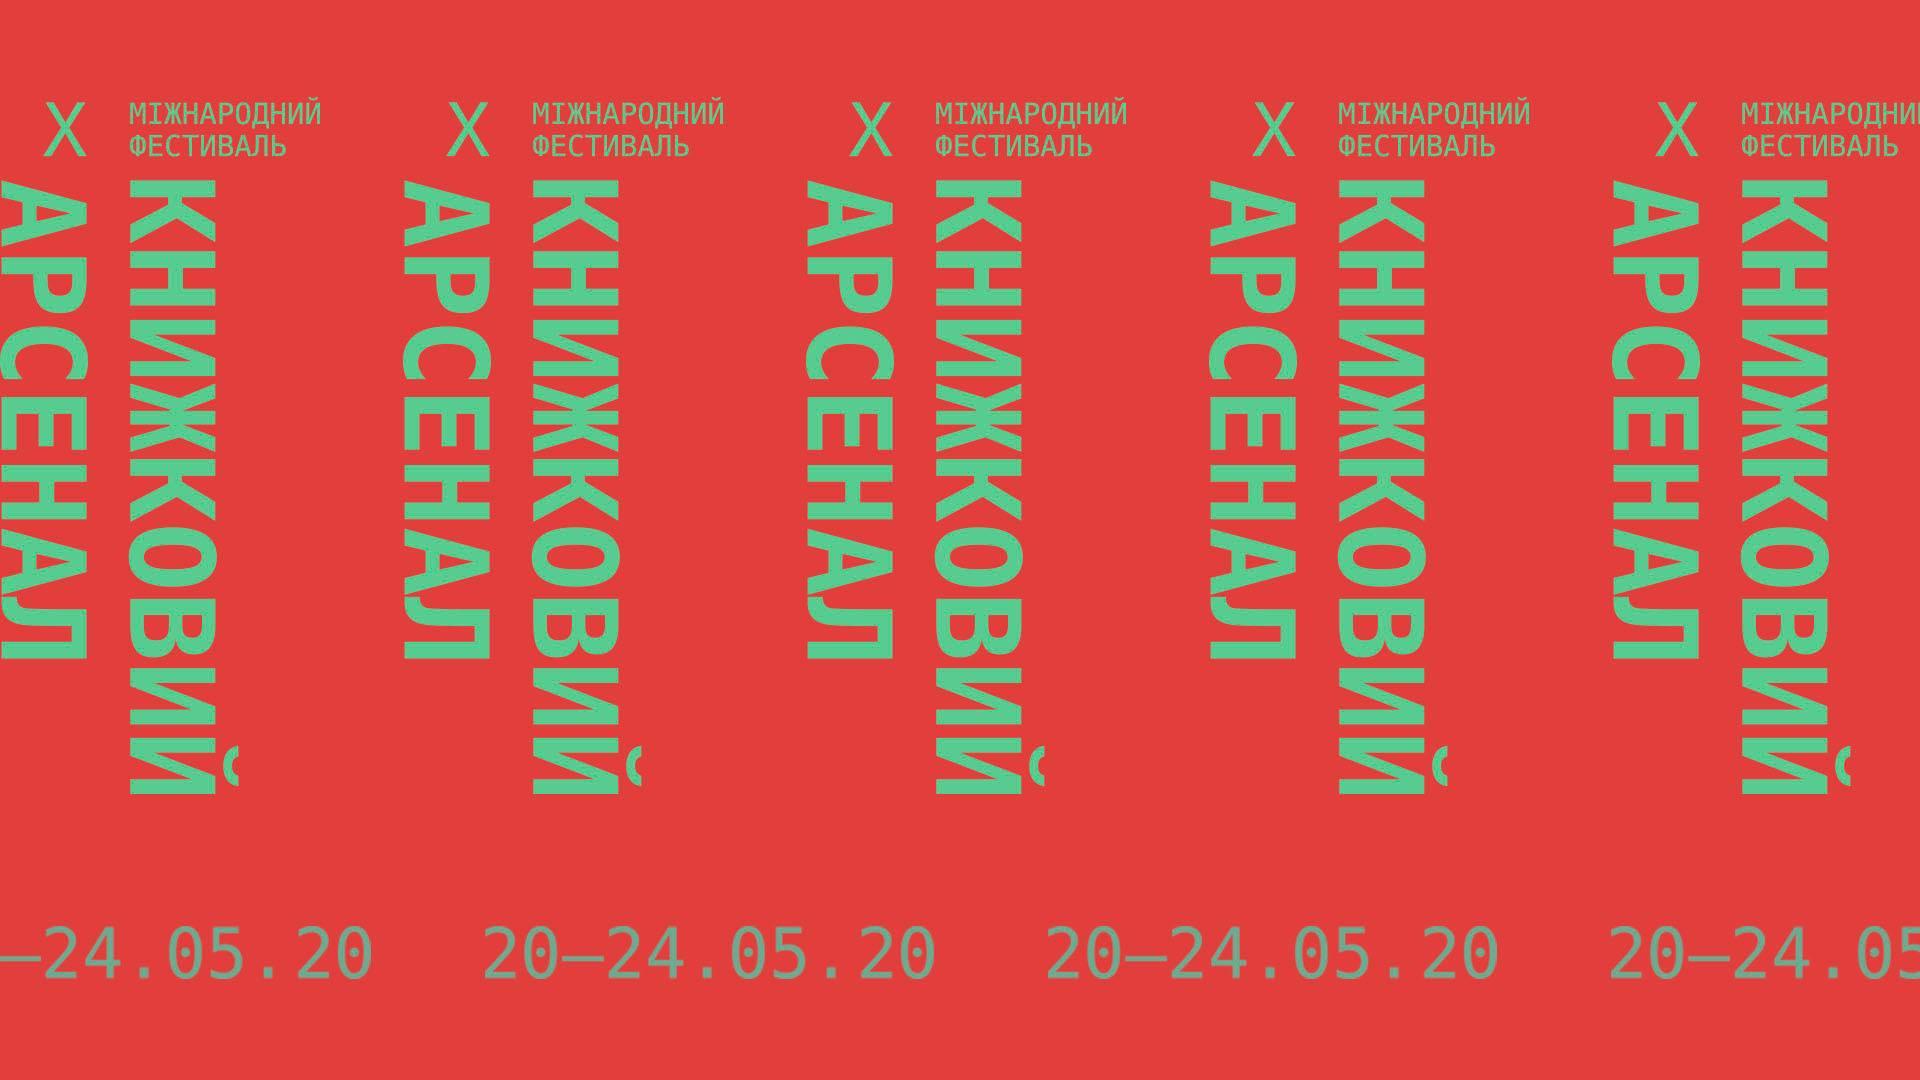 Конкурс «Найкращий книжковий дизайн-2020»: приймаються заявки - Україна, Культура, конкурс, Книжковий Арсенал - knymzhkovyj